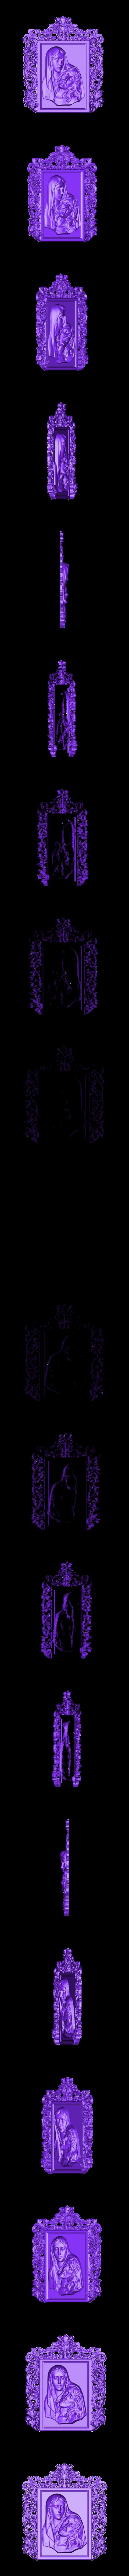 432.stl Télécharger fichier STL gratuit Épousez et jésus mort religieux • Objet pour impression 3D, 3Dprintablefile